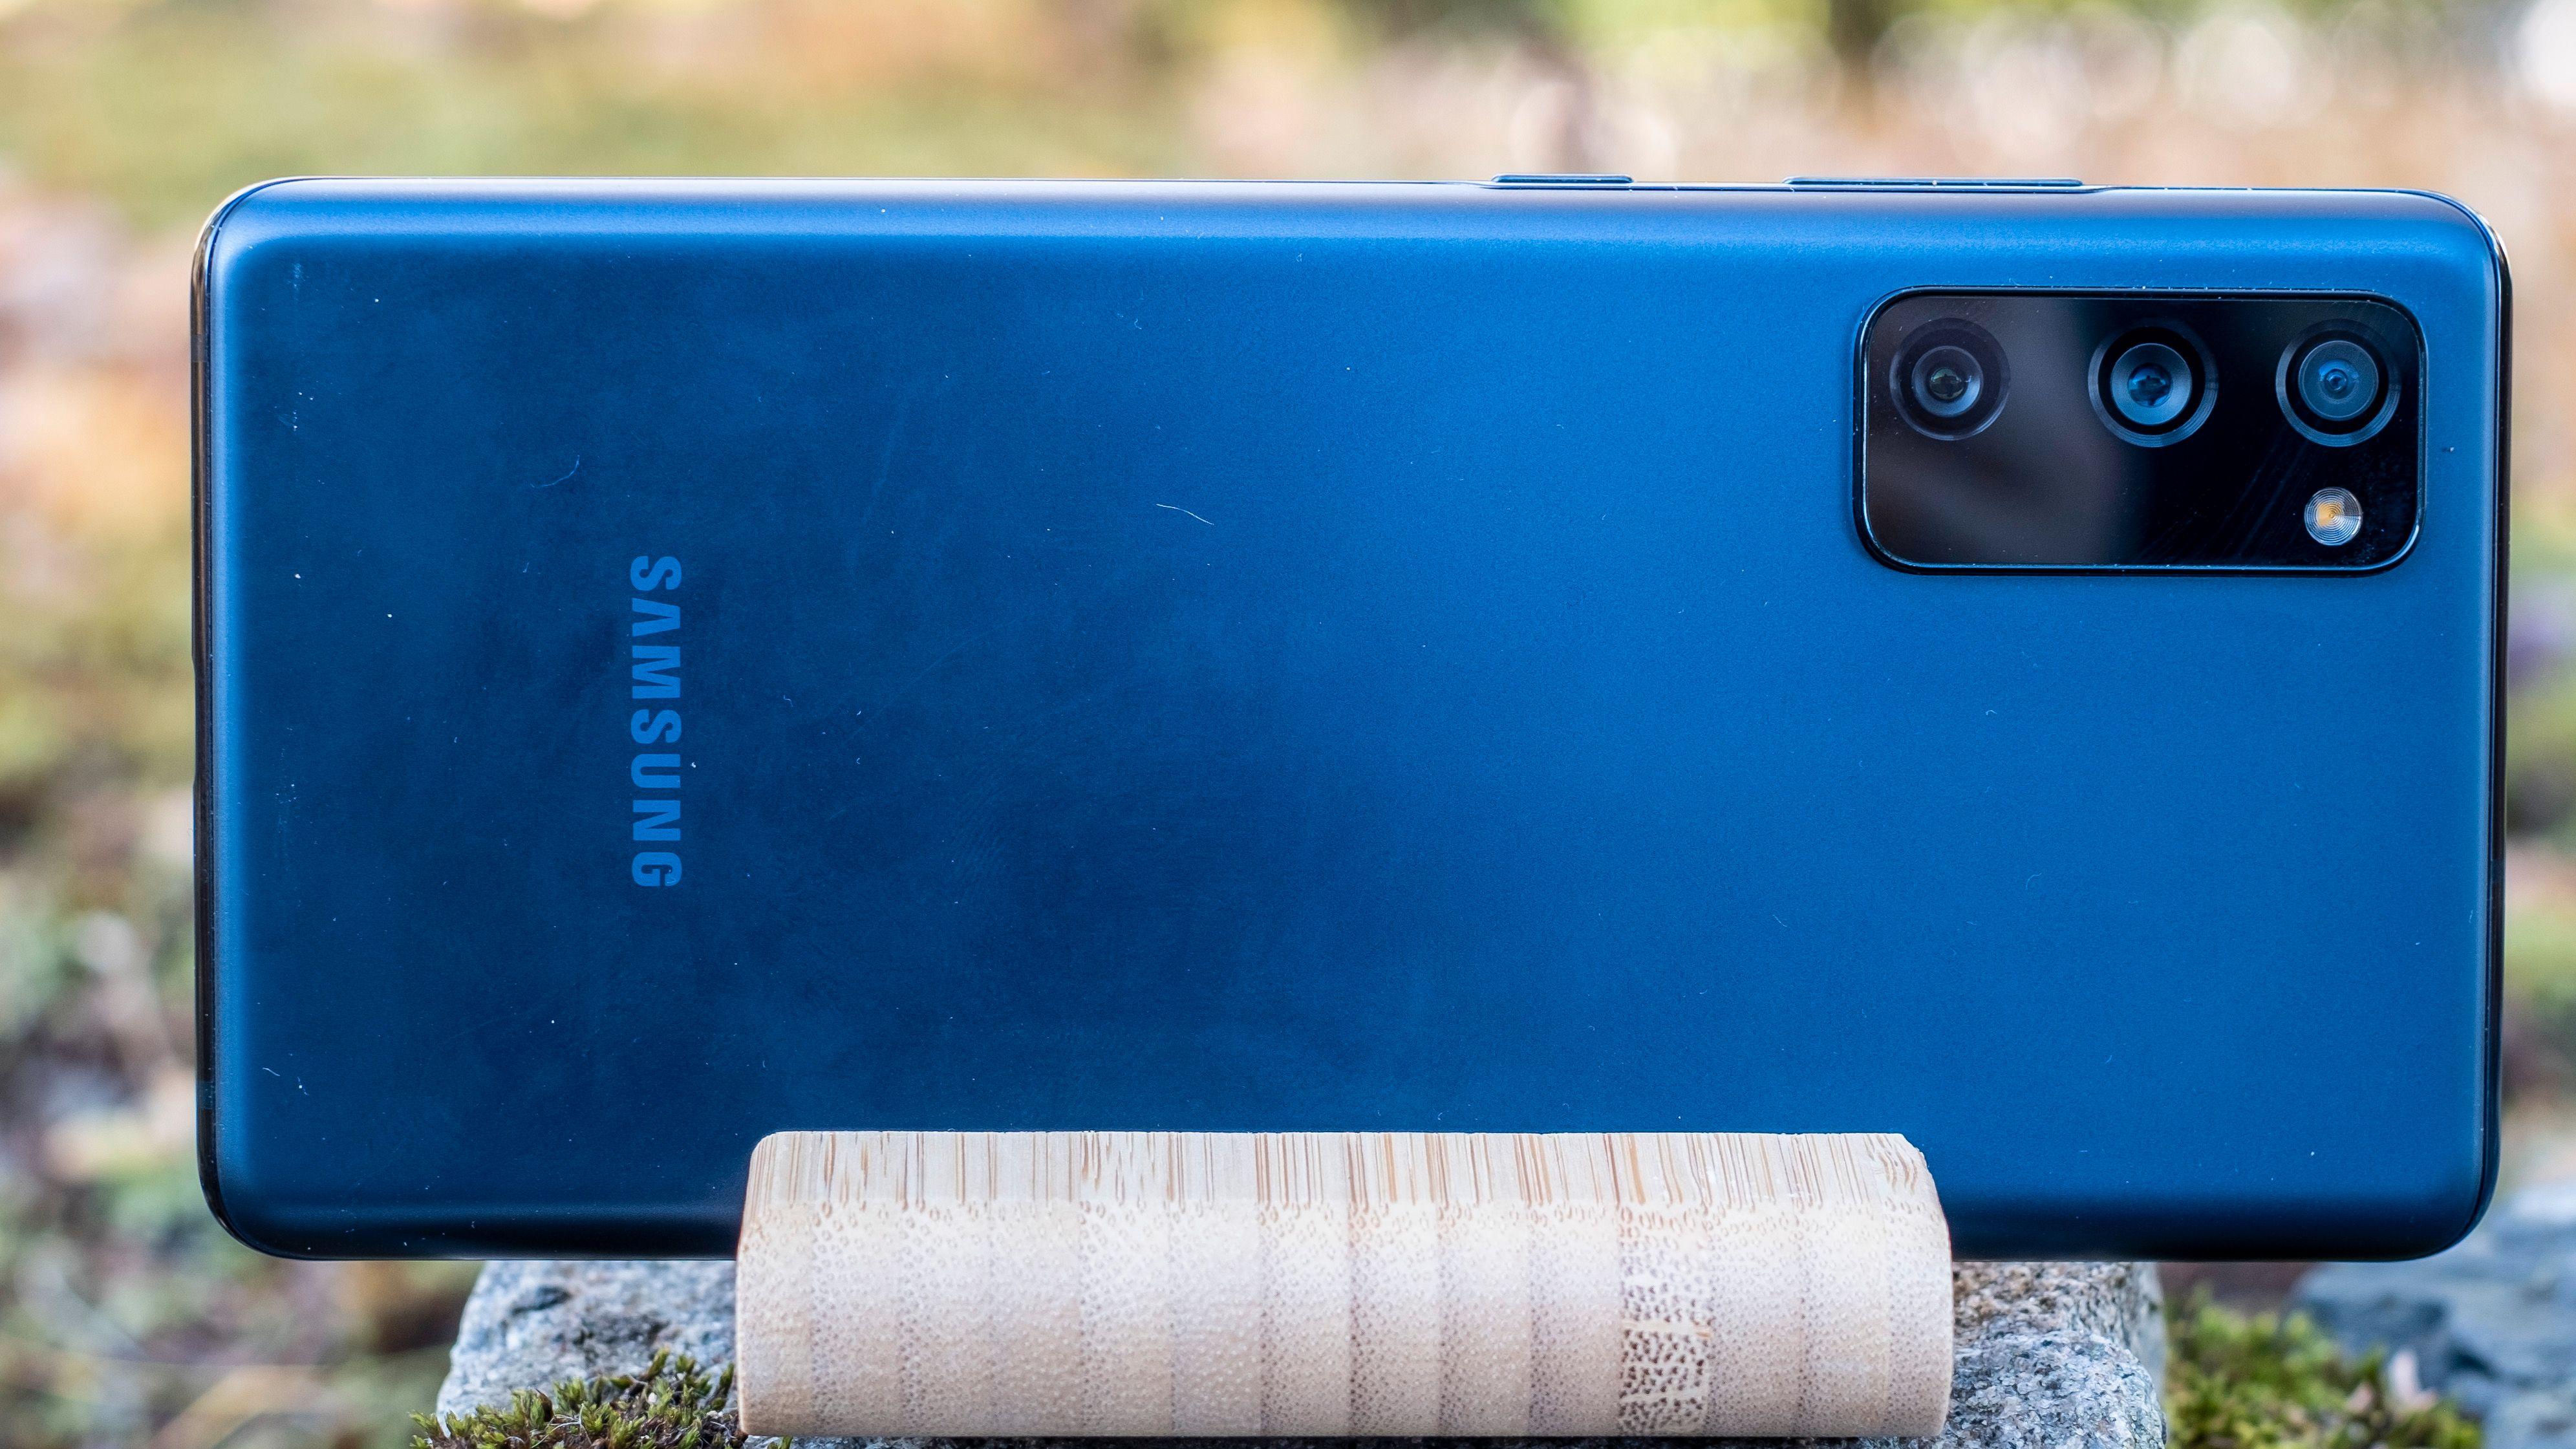 En fingerfettete og halvskitten bakside - helt uten store, synlige riper. Dette er etter drøyt to uker med plastbaksiden slengende rundt i sekken og i lomma sammen med nøkler og annen nips. Det er forholdsvis imponerende slitestyrke på Samsung-plasten.